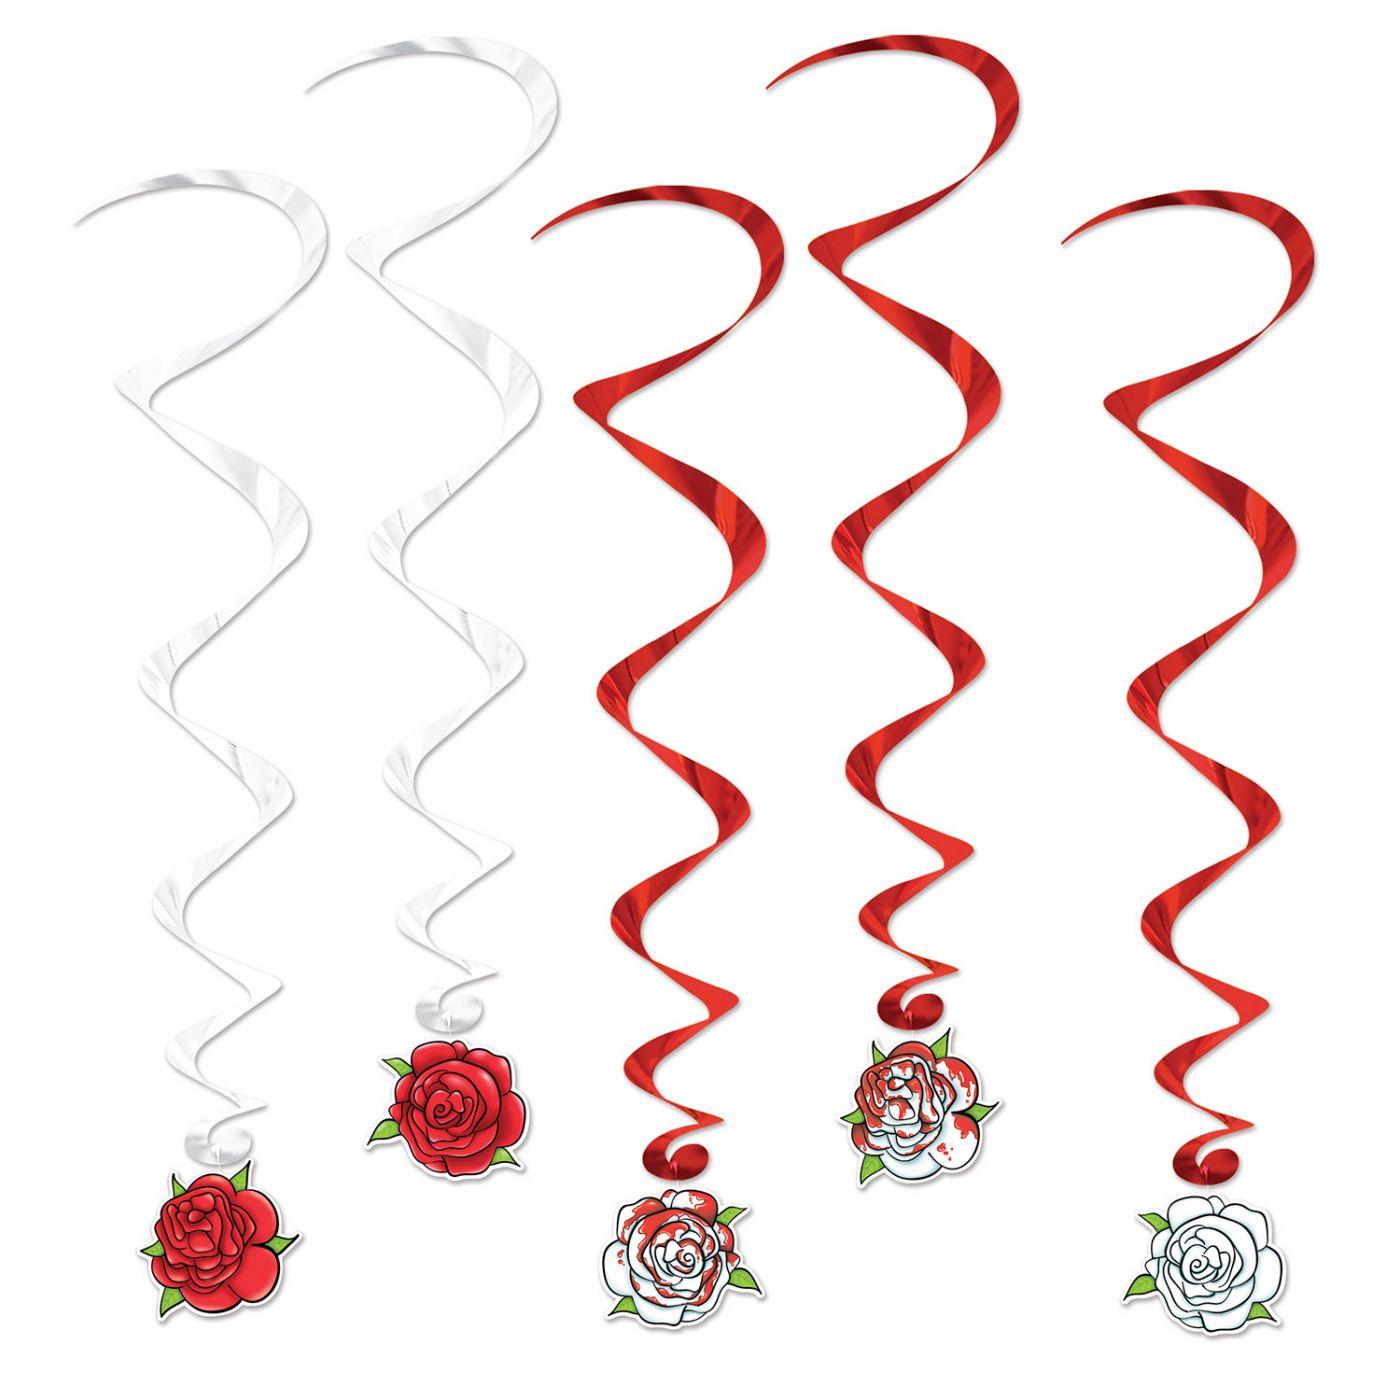 Rose Whirls (6) image